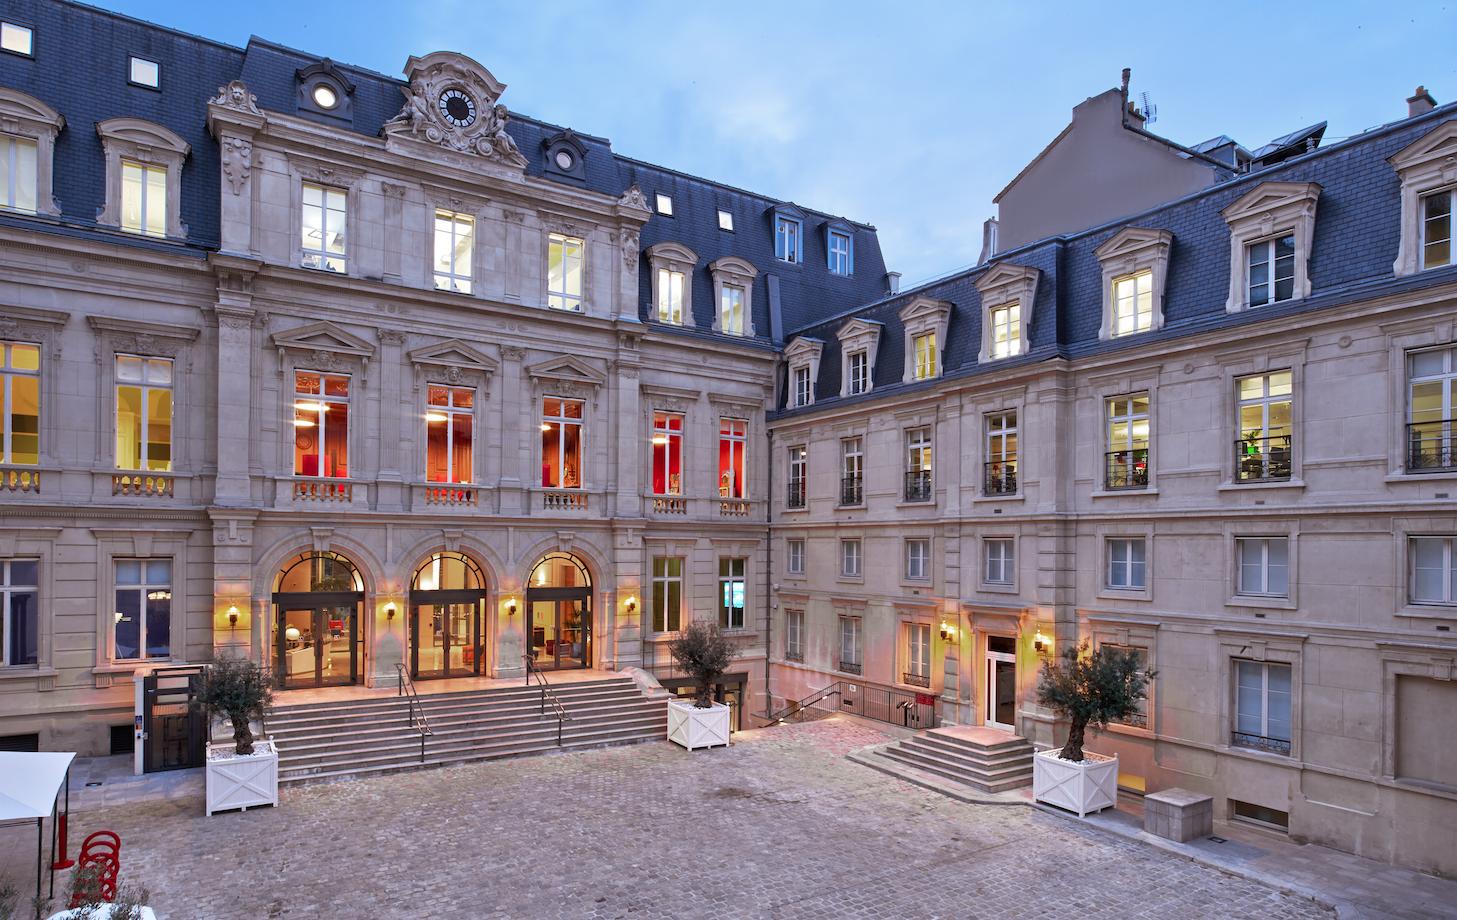 Googleplex1 - Le Googleplex s'approprie le patrimoine parisien